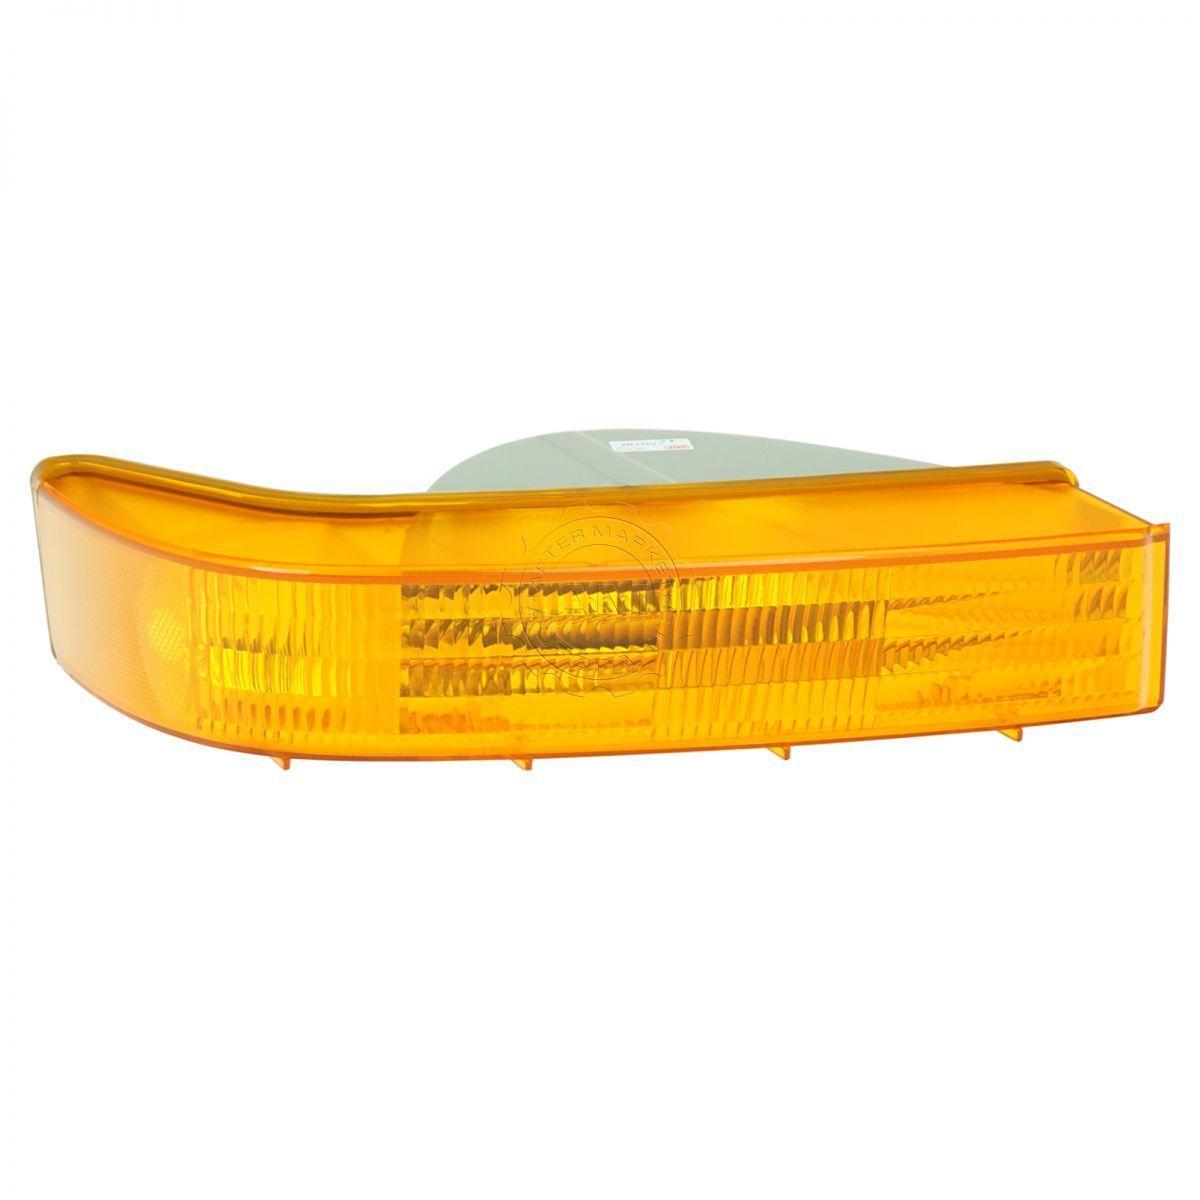 コーナーライト Corner Parking Turn Signal Light Lamp Passenger Side Right RH for Ford Truck コーナー駐車ターン信号ライトランプ助手席側右RHフォードトラック用